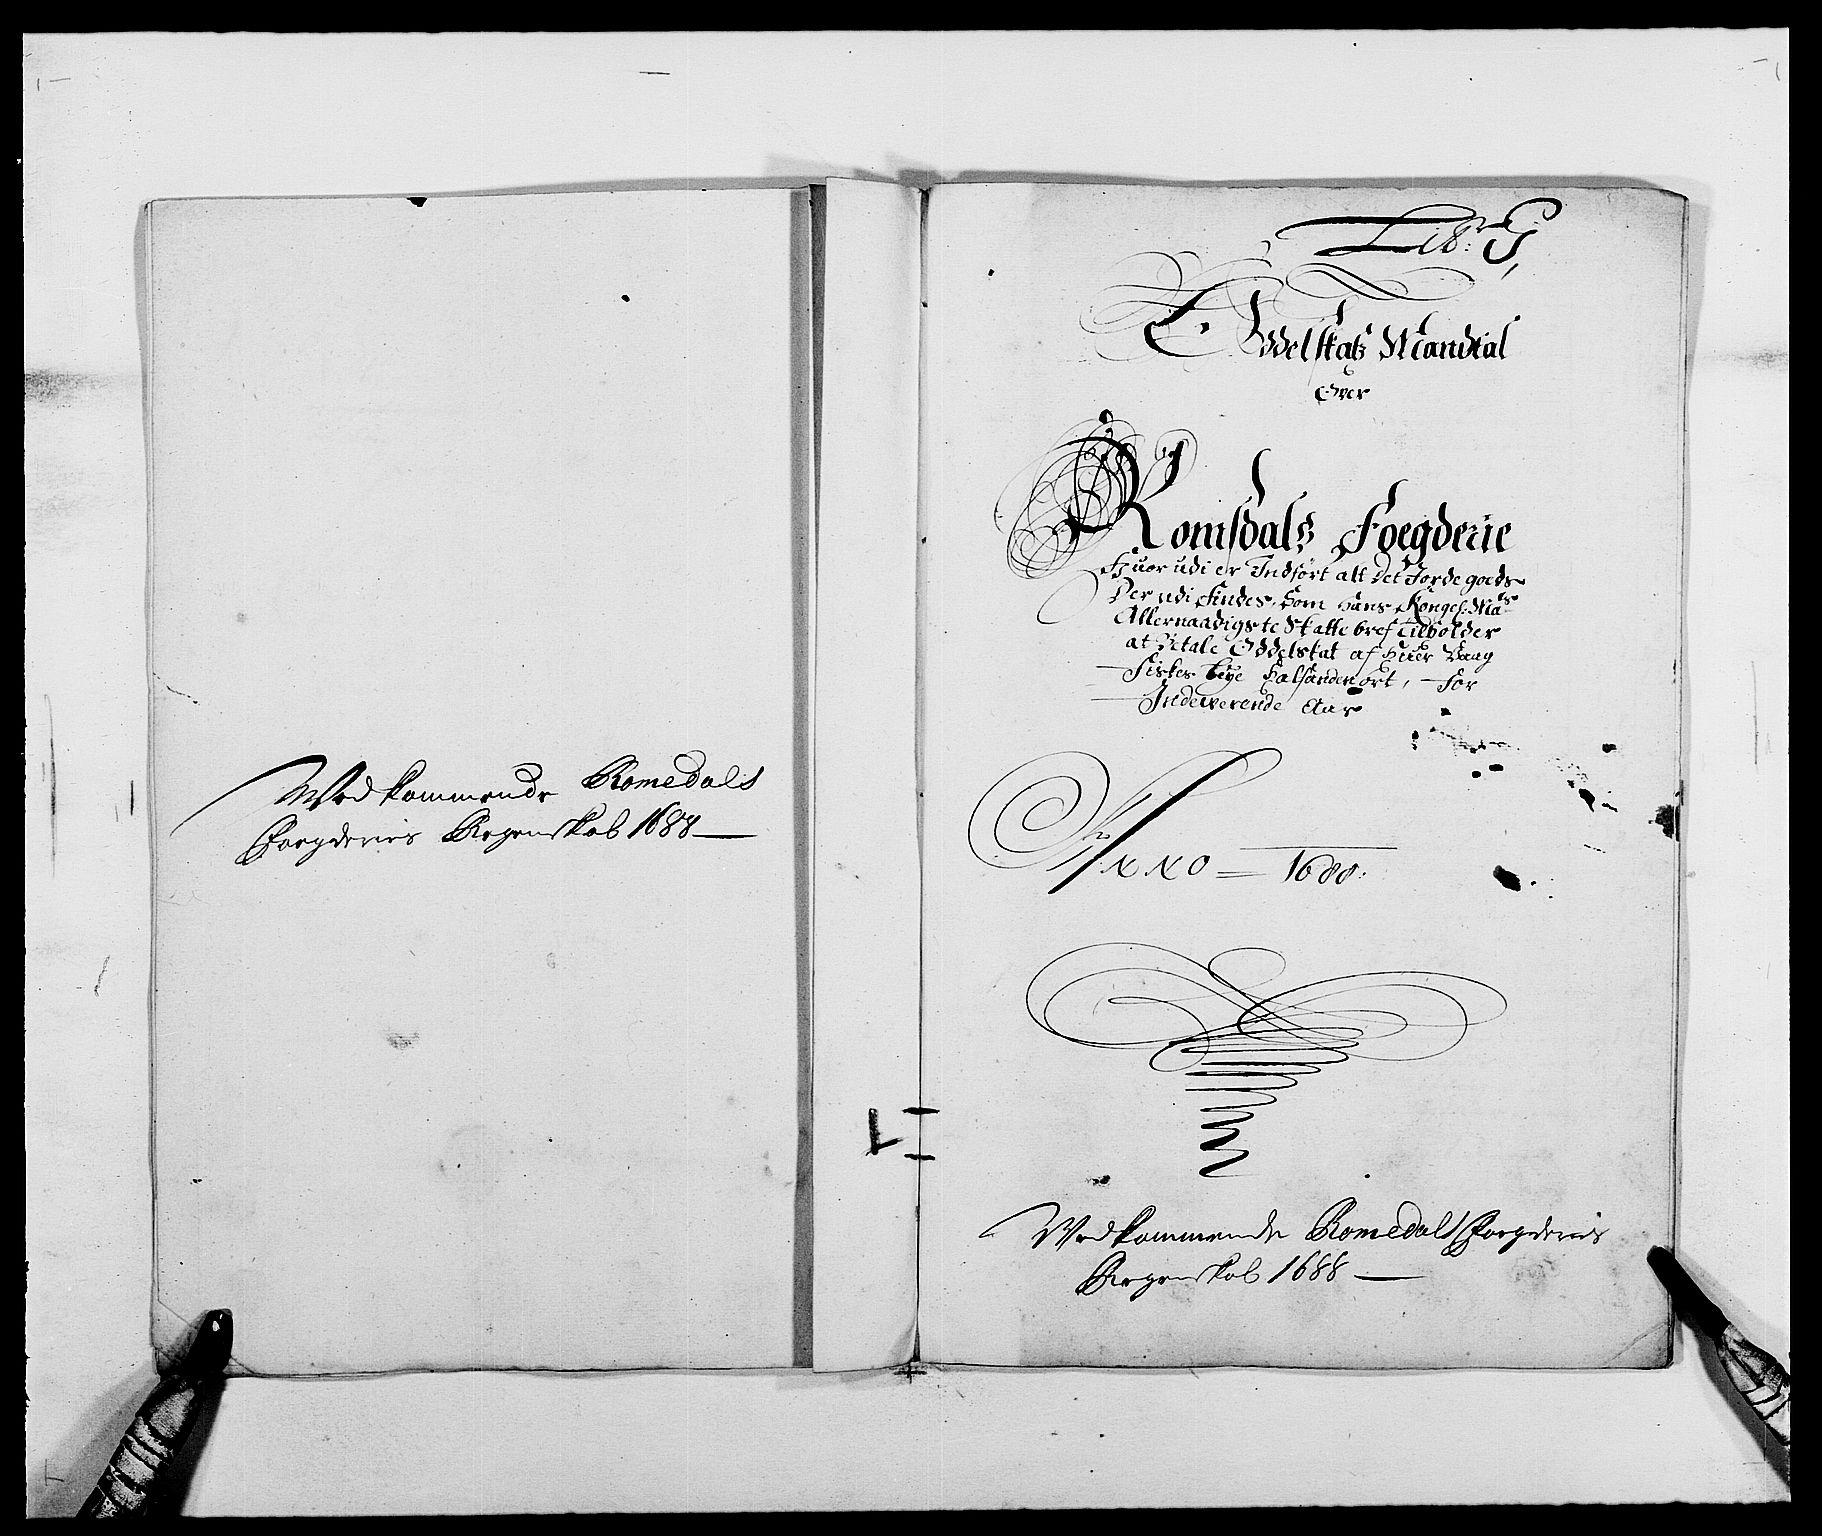 RA, Rentekammeret inntil 1814, Reviderte regnskaper, Fogderegnskap, R55/L3648: Fogderegnskap Romsdal, 1687-1689, s. 227